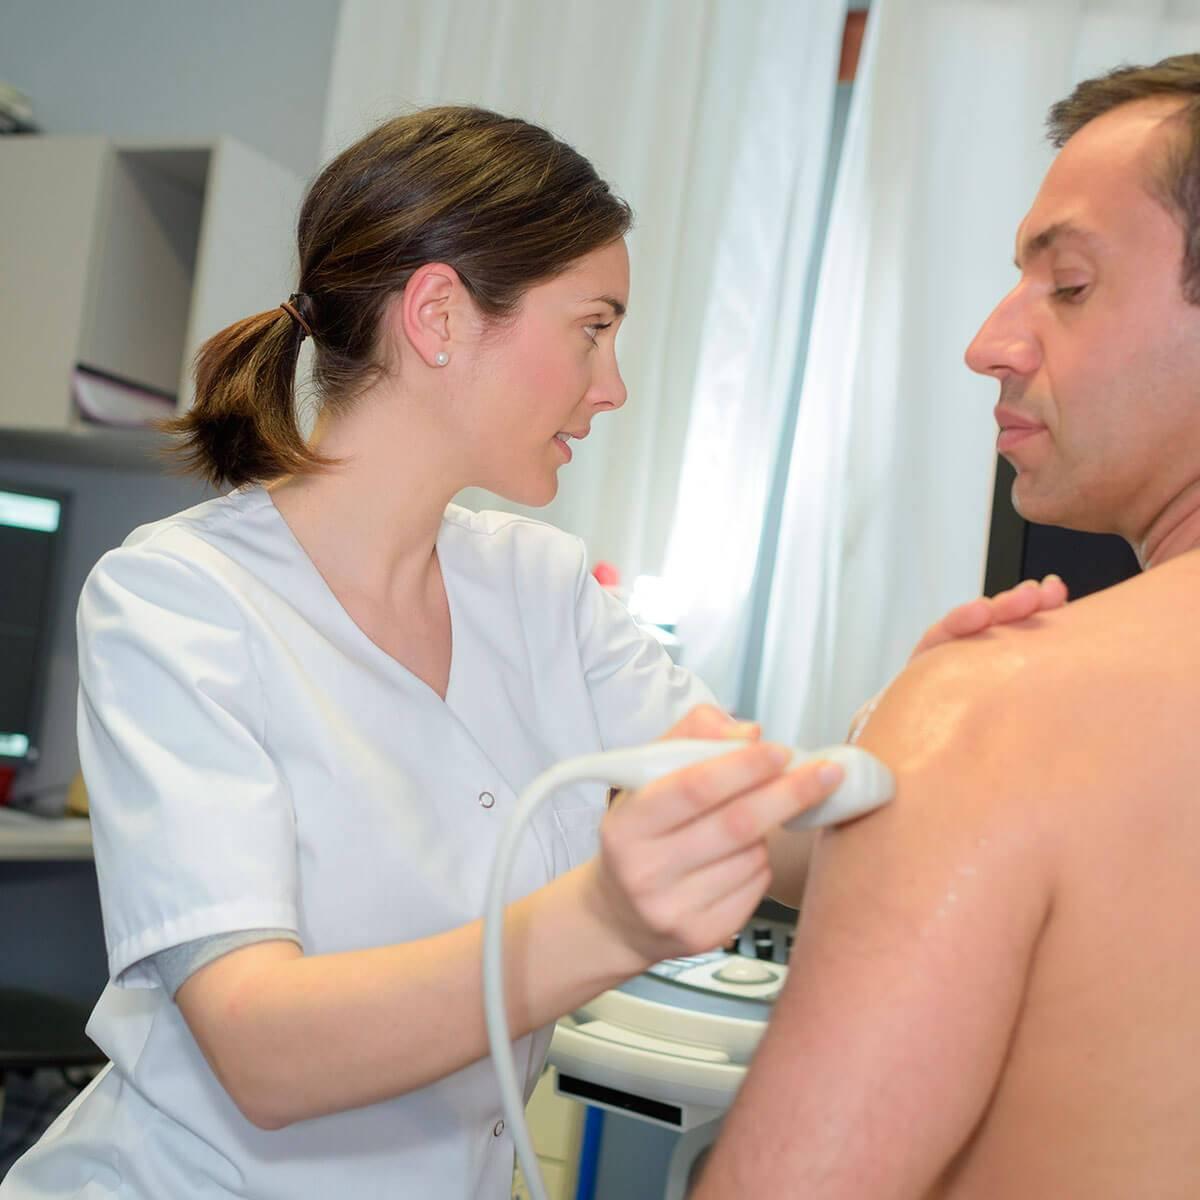 Лечение меланомы кожи: методы лечения меланомы по стадиям, классификация